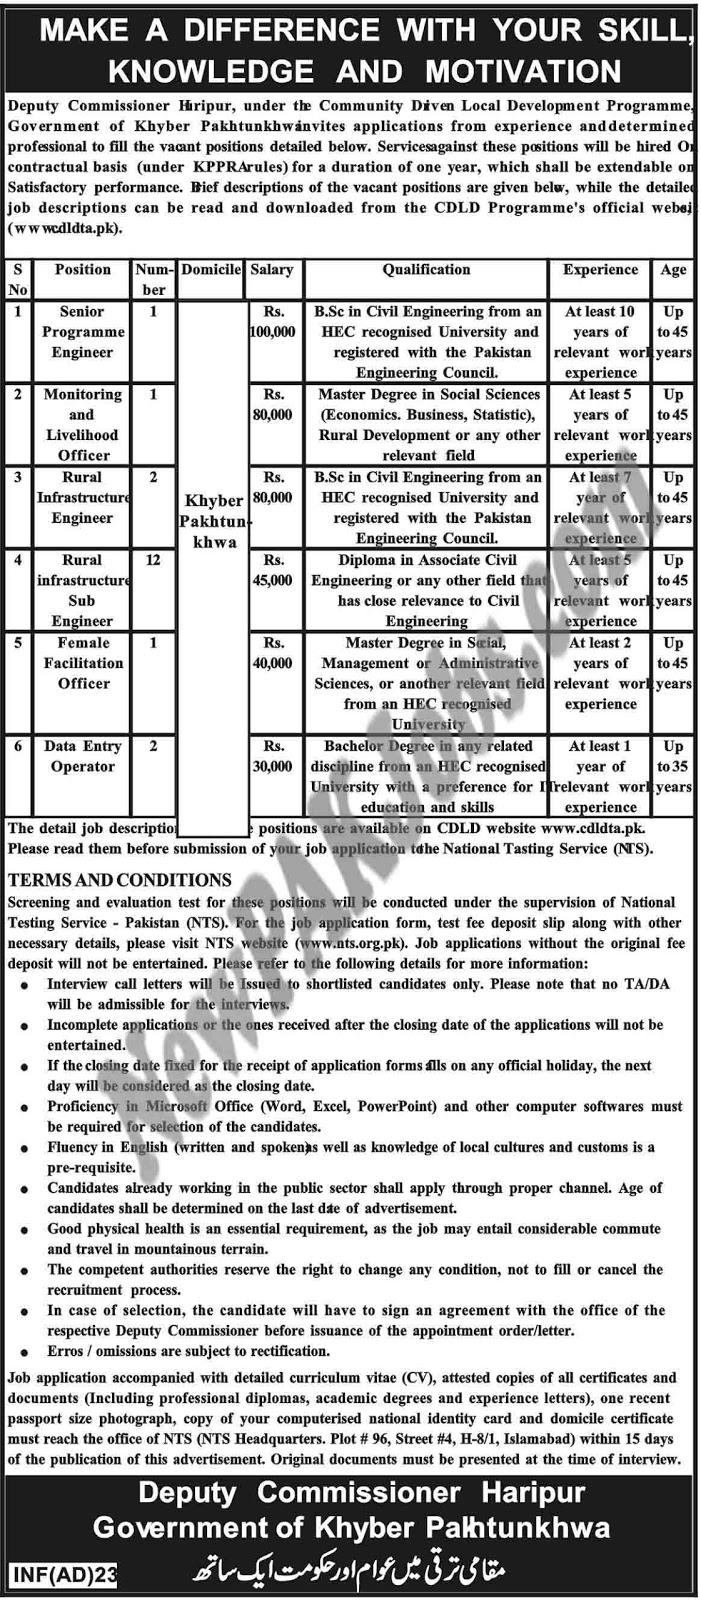 Deputy Commissioner Haripur Jobs Today Ad Mashraq Newspaper